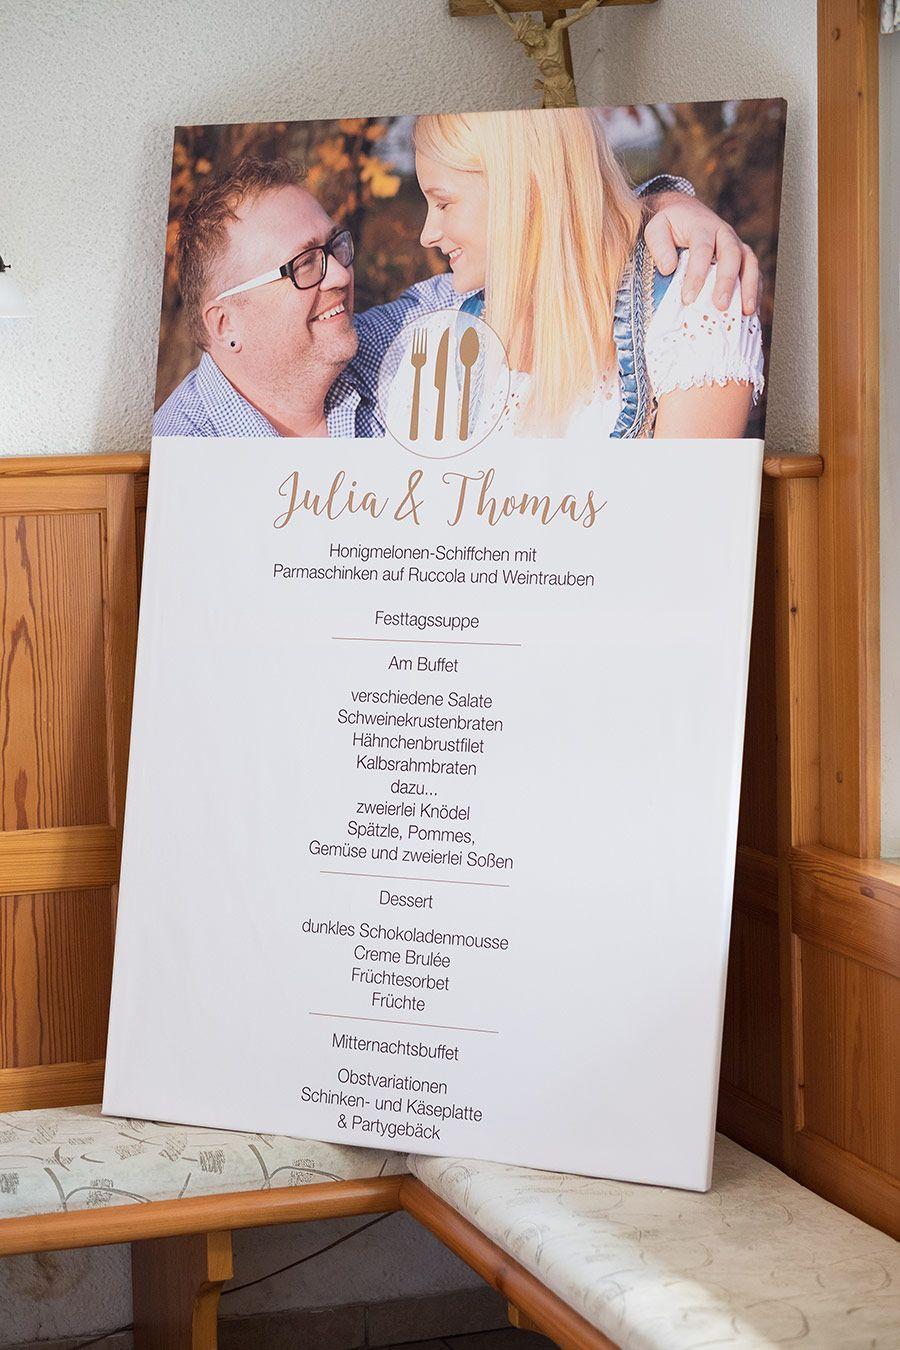 Eine große Tafel mit dem Menü zur Hochzeit Es muss ja nicht immer